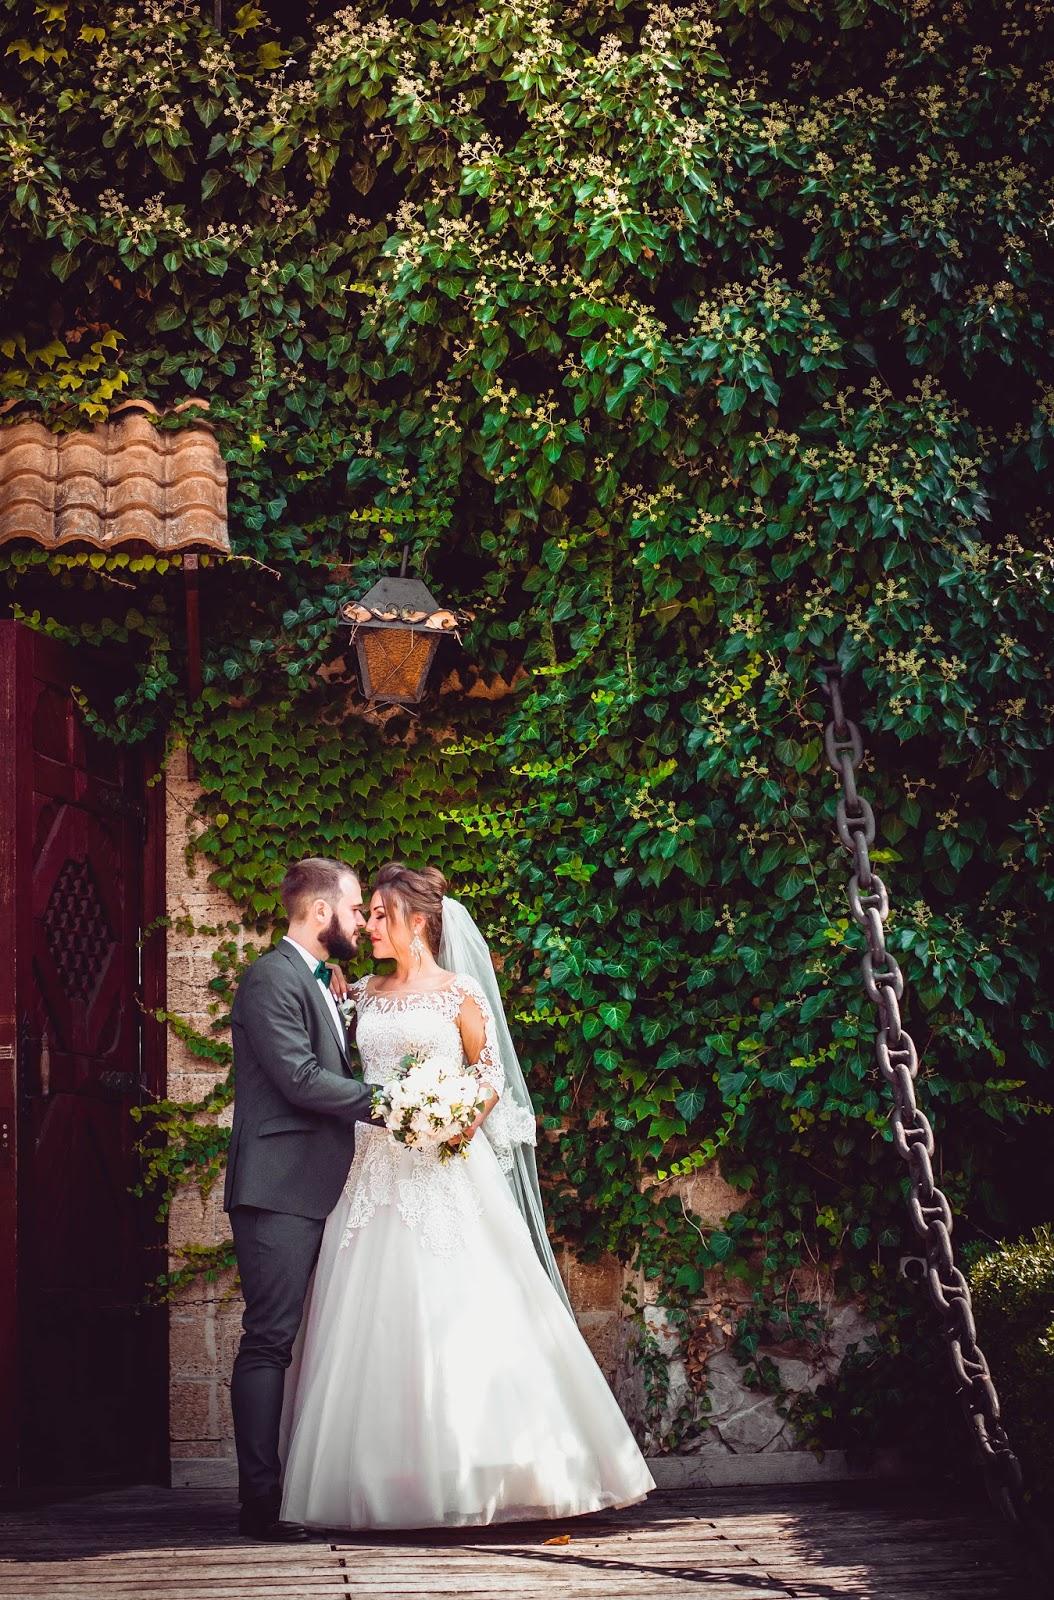 Свадебная фотосессия одесса как вести себя с бывшей девушкой на работе